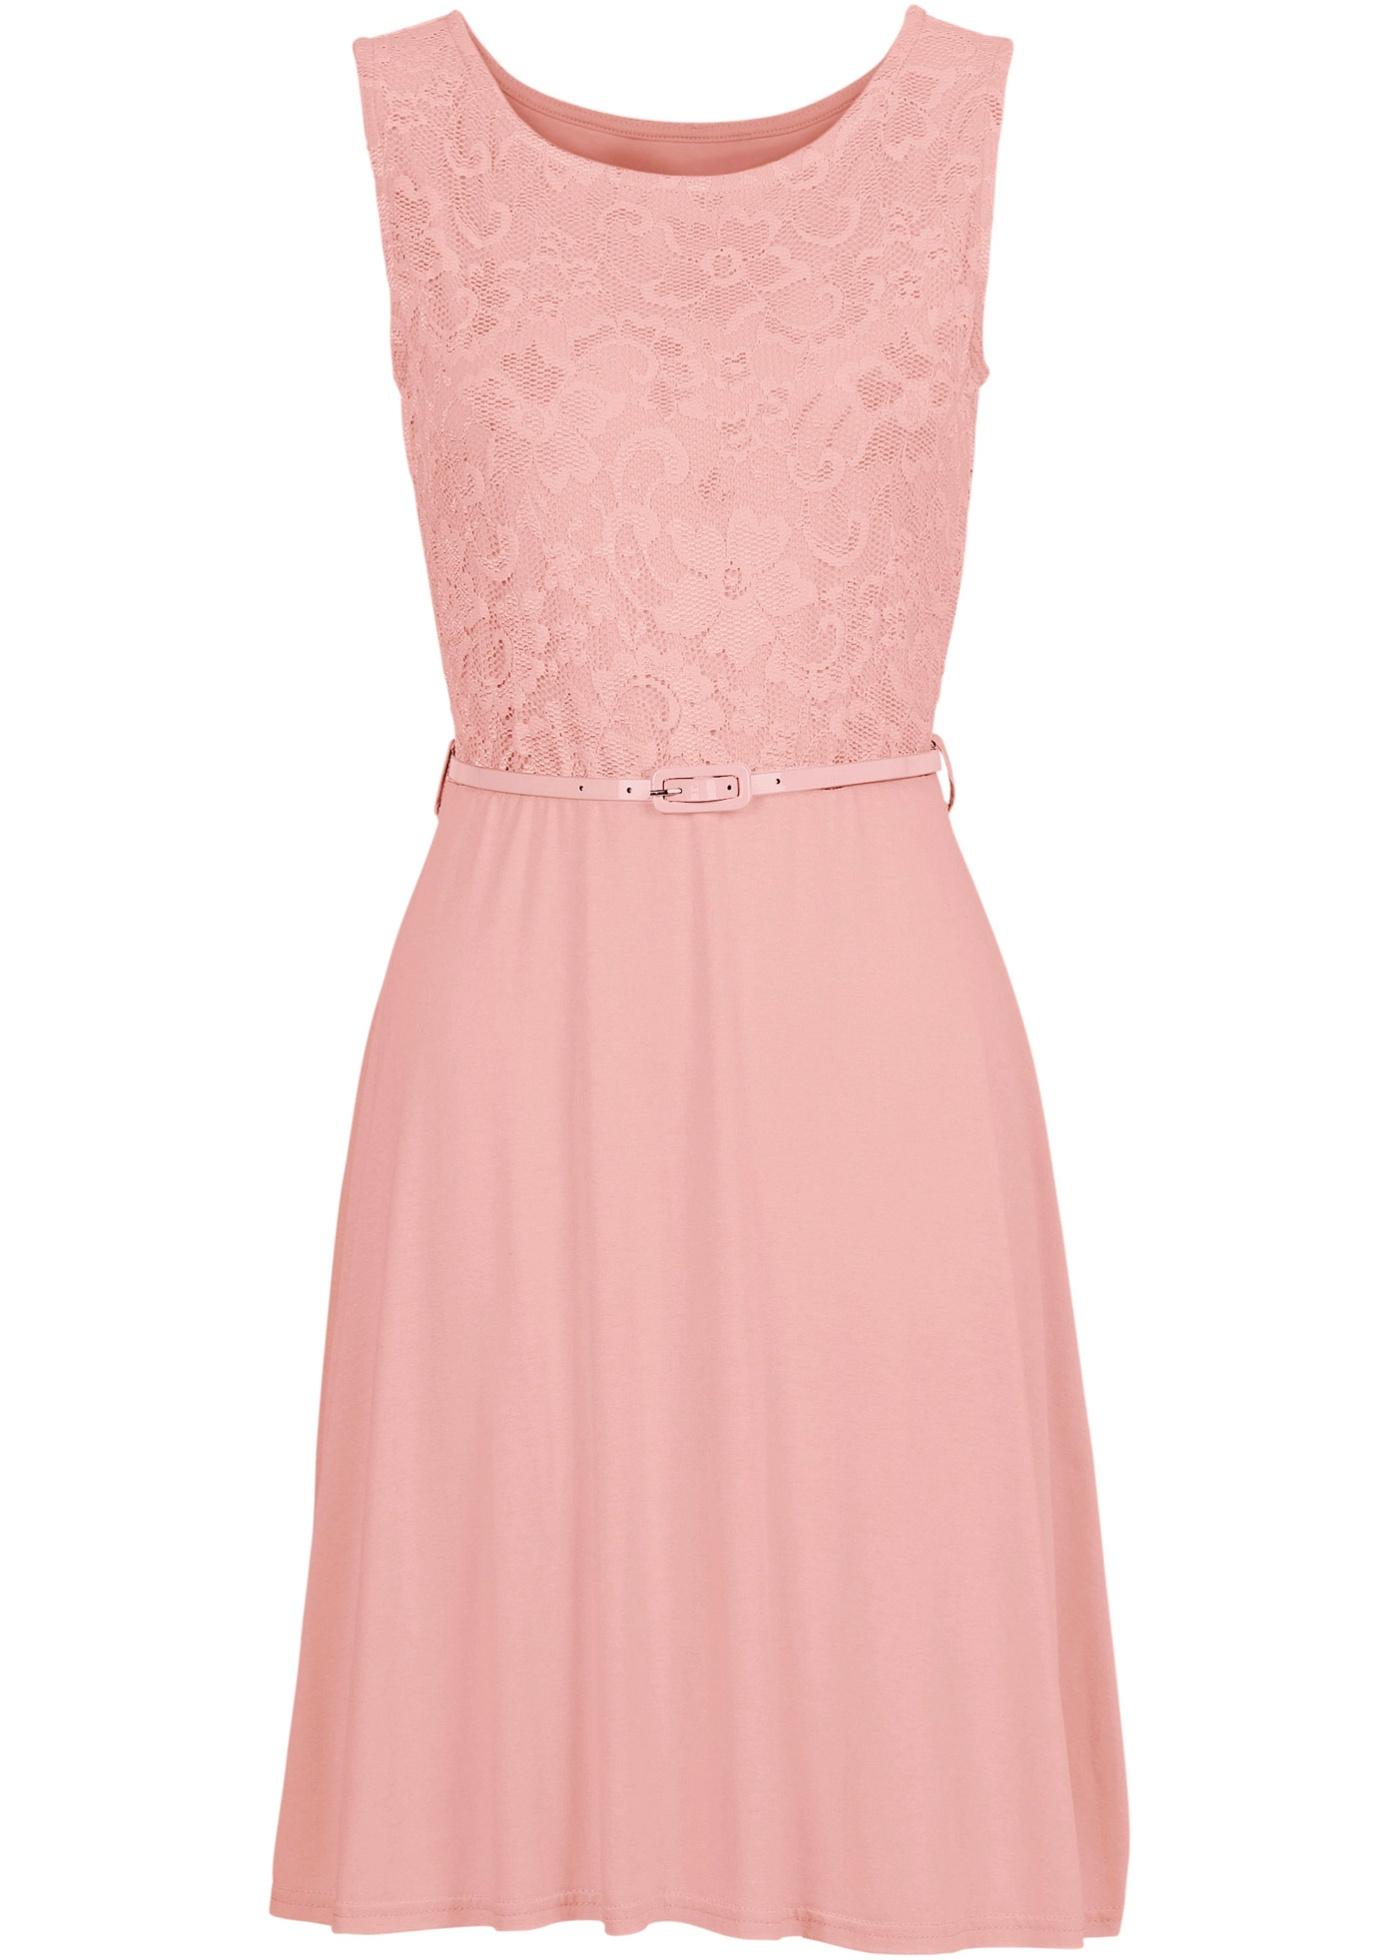 Šaty s krajkou - Růžová